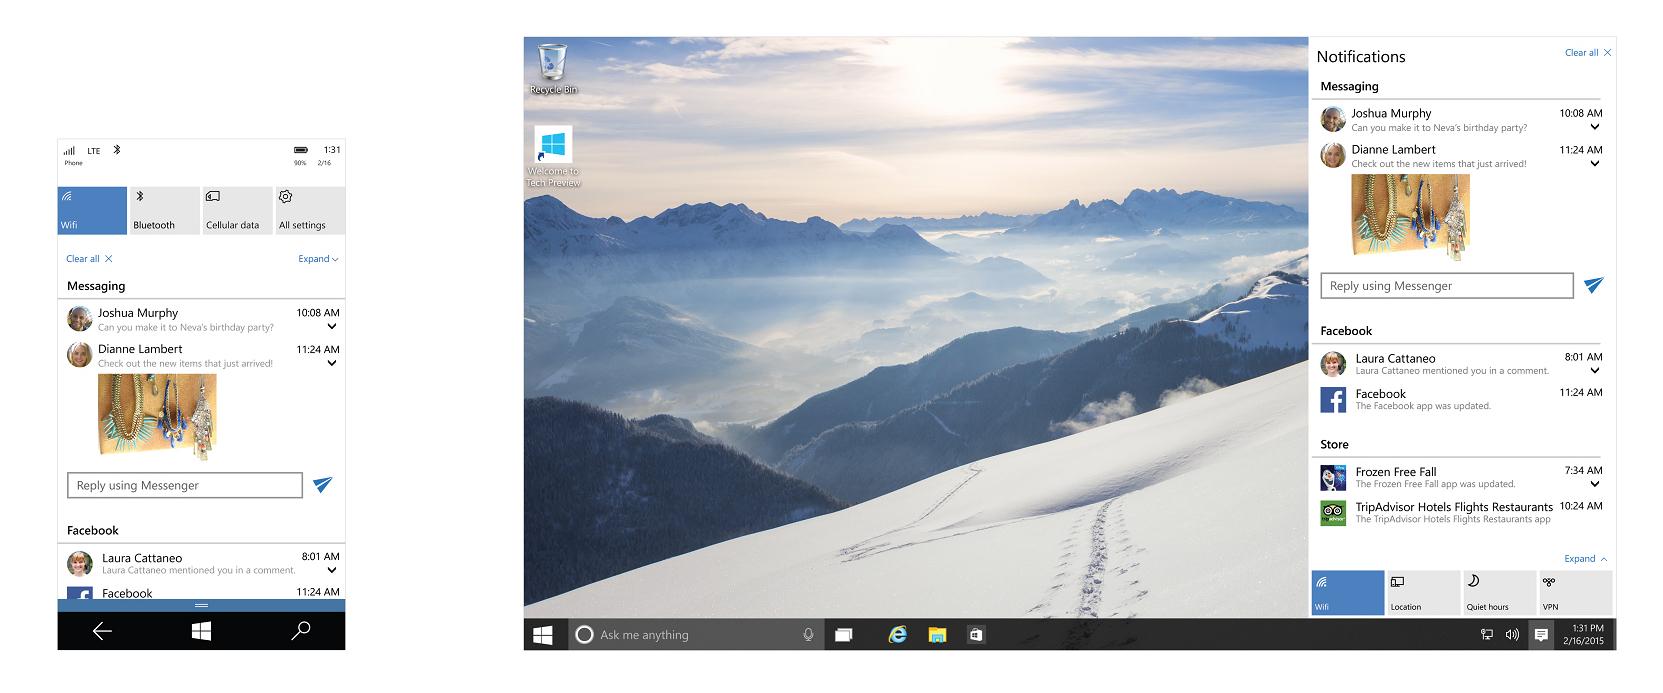 Официально: дата выхода новейшей Windows 10 Mobile